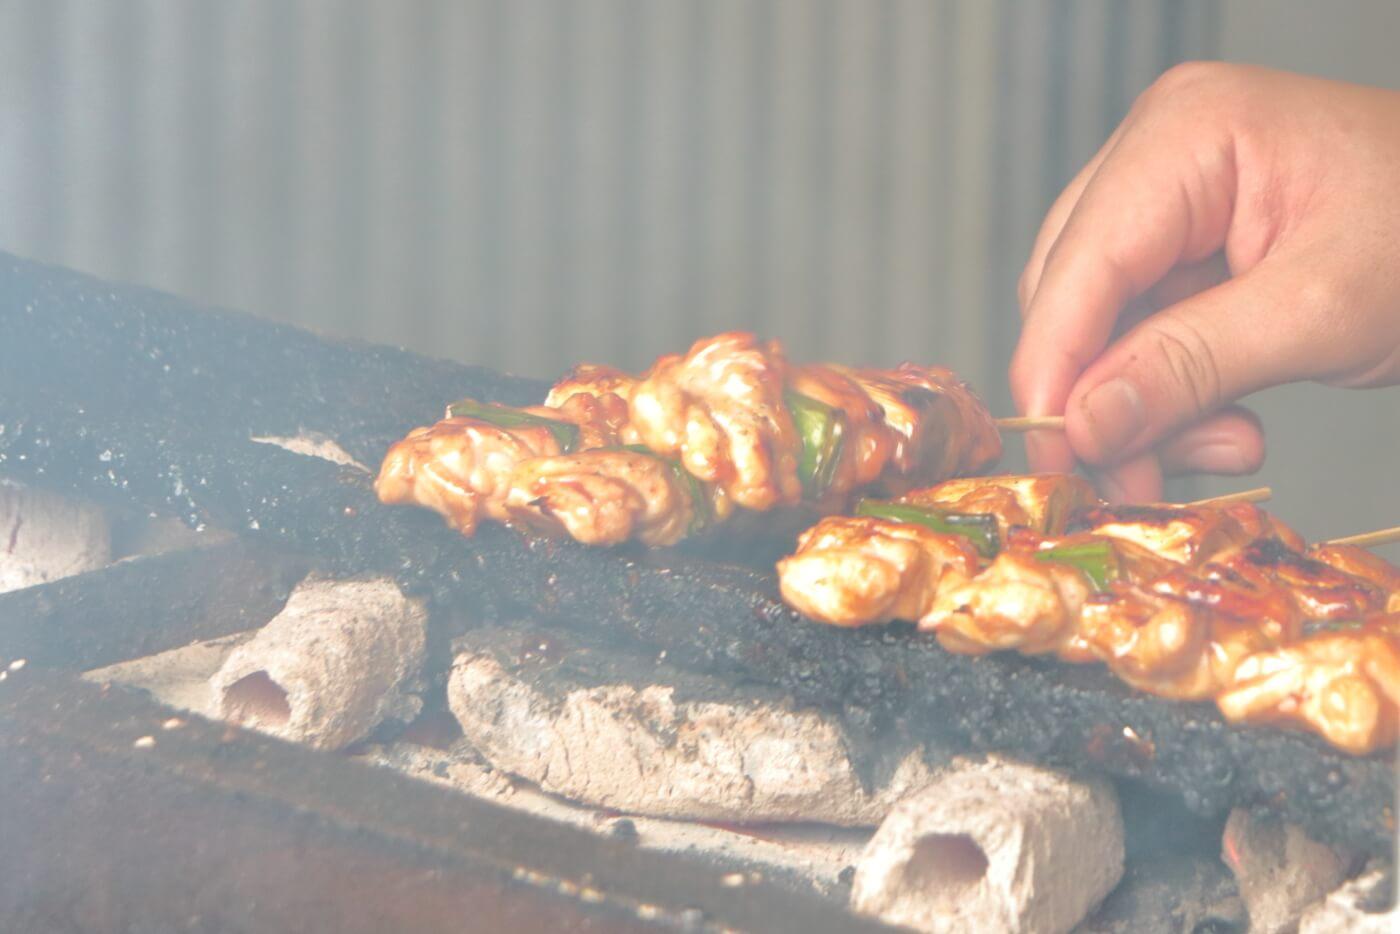 高知 いの町の焼鳥店 鳥印(ちょういん) 焼鳥を焼いている最中